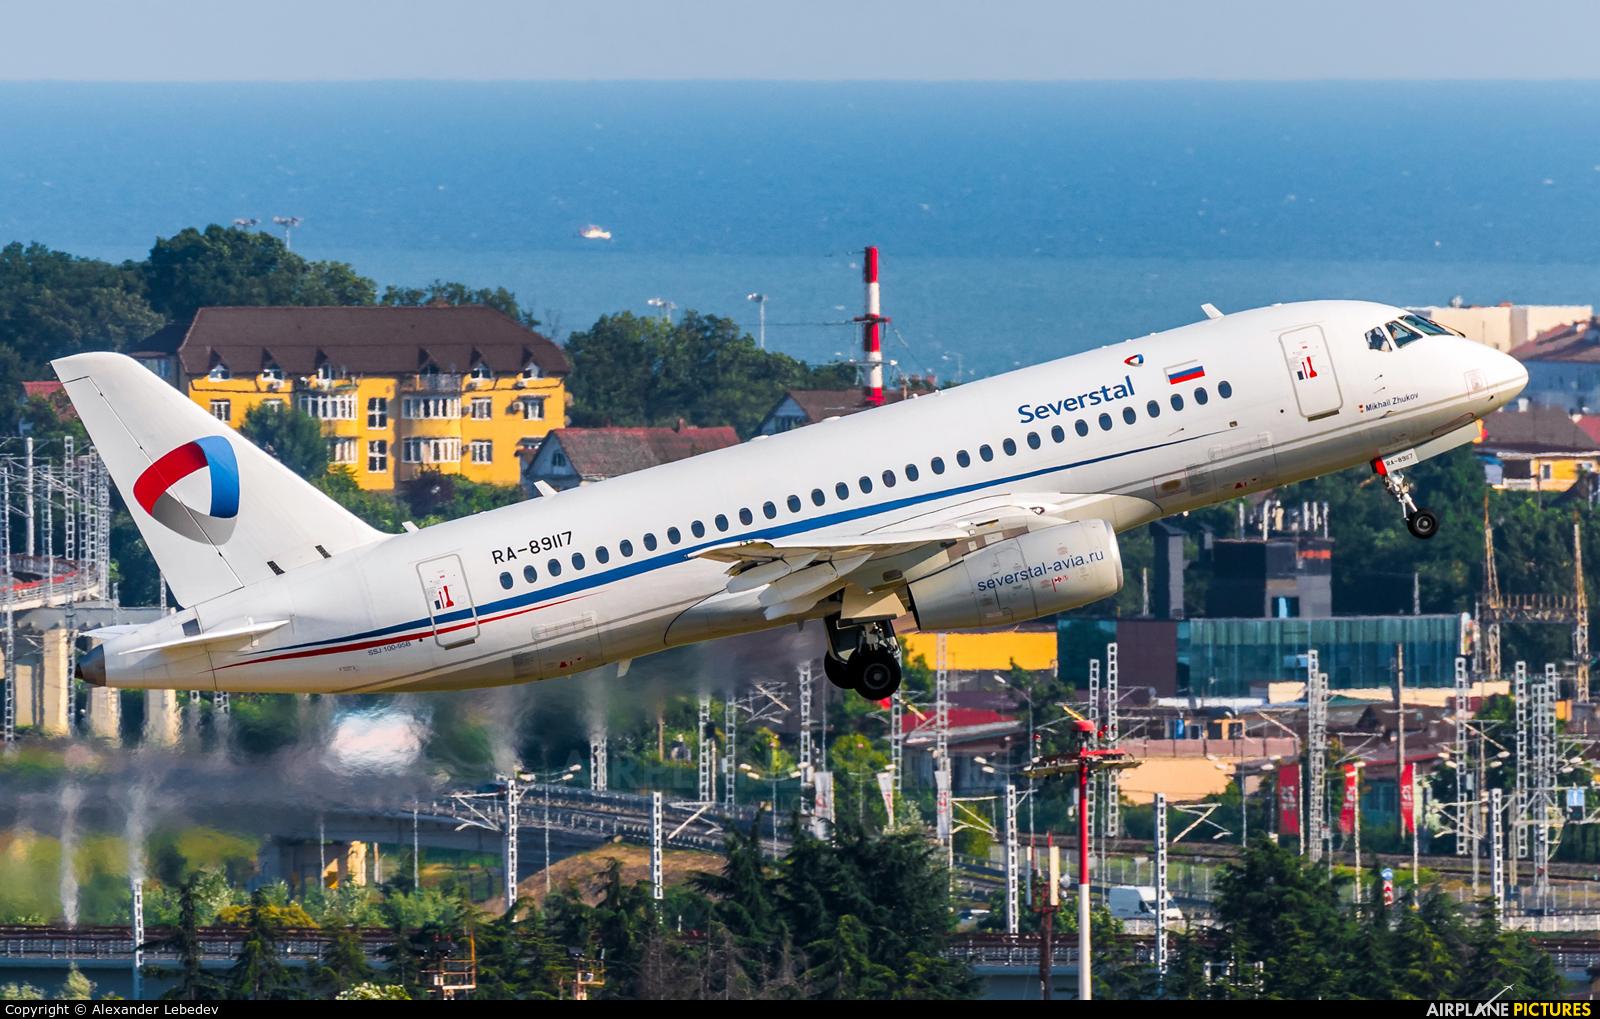 Severstal Air Company RA-89117 aircraft at Sochi Intl